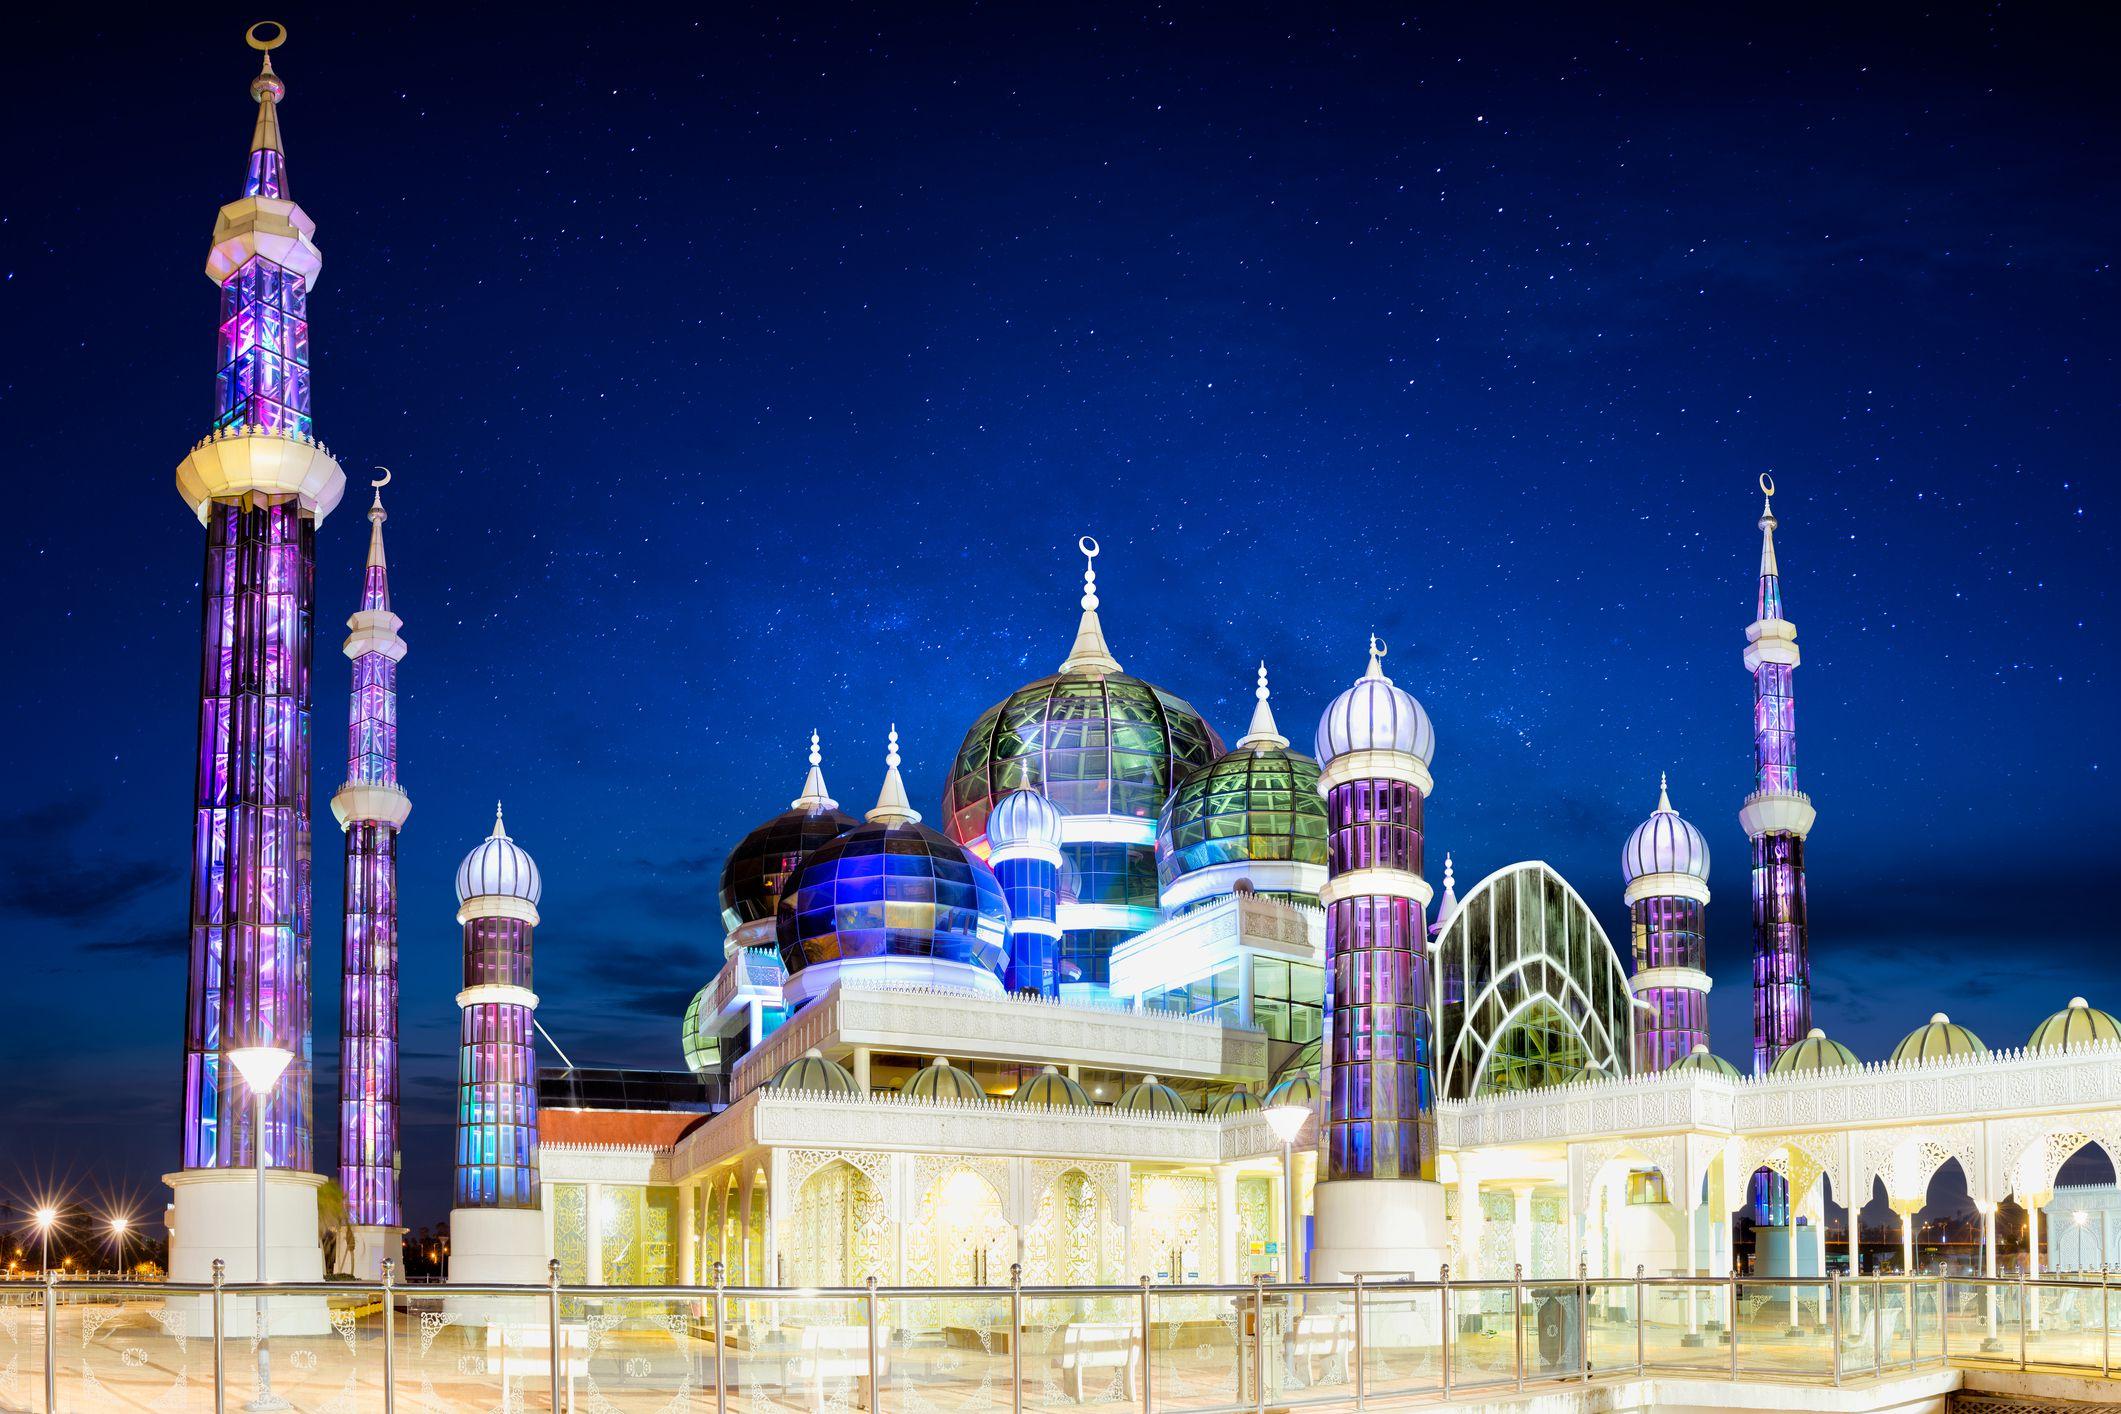 Фотографии мечетей мира хорошем качестве плотной